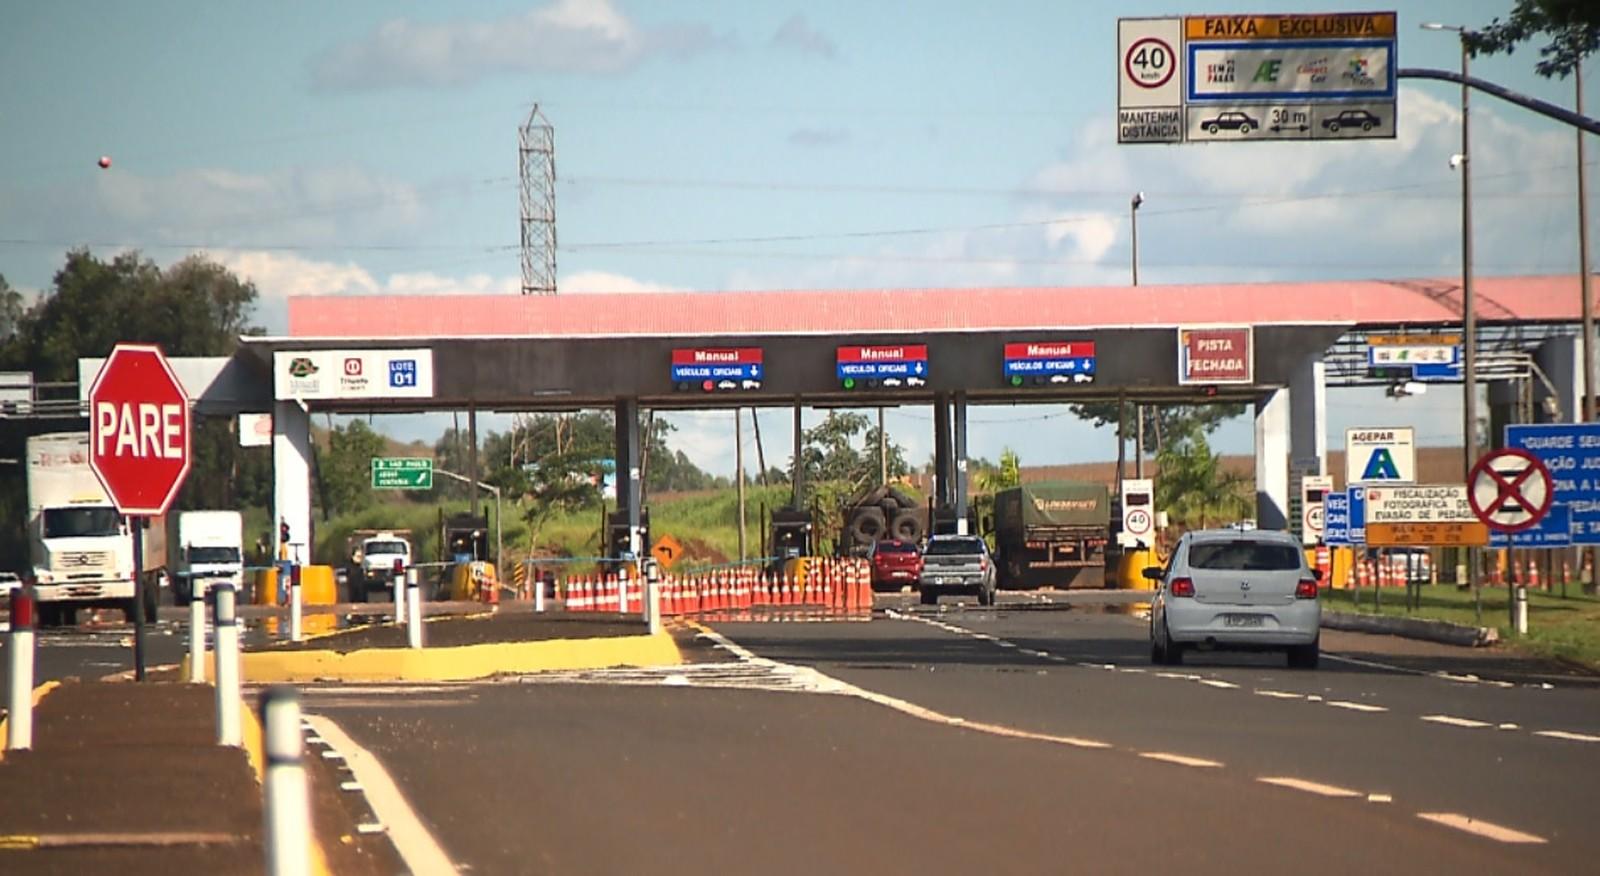 ANTT reduz tarifas de pedágios na rodovia do aço